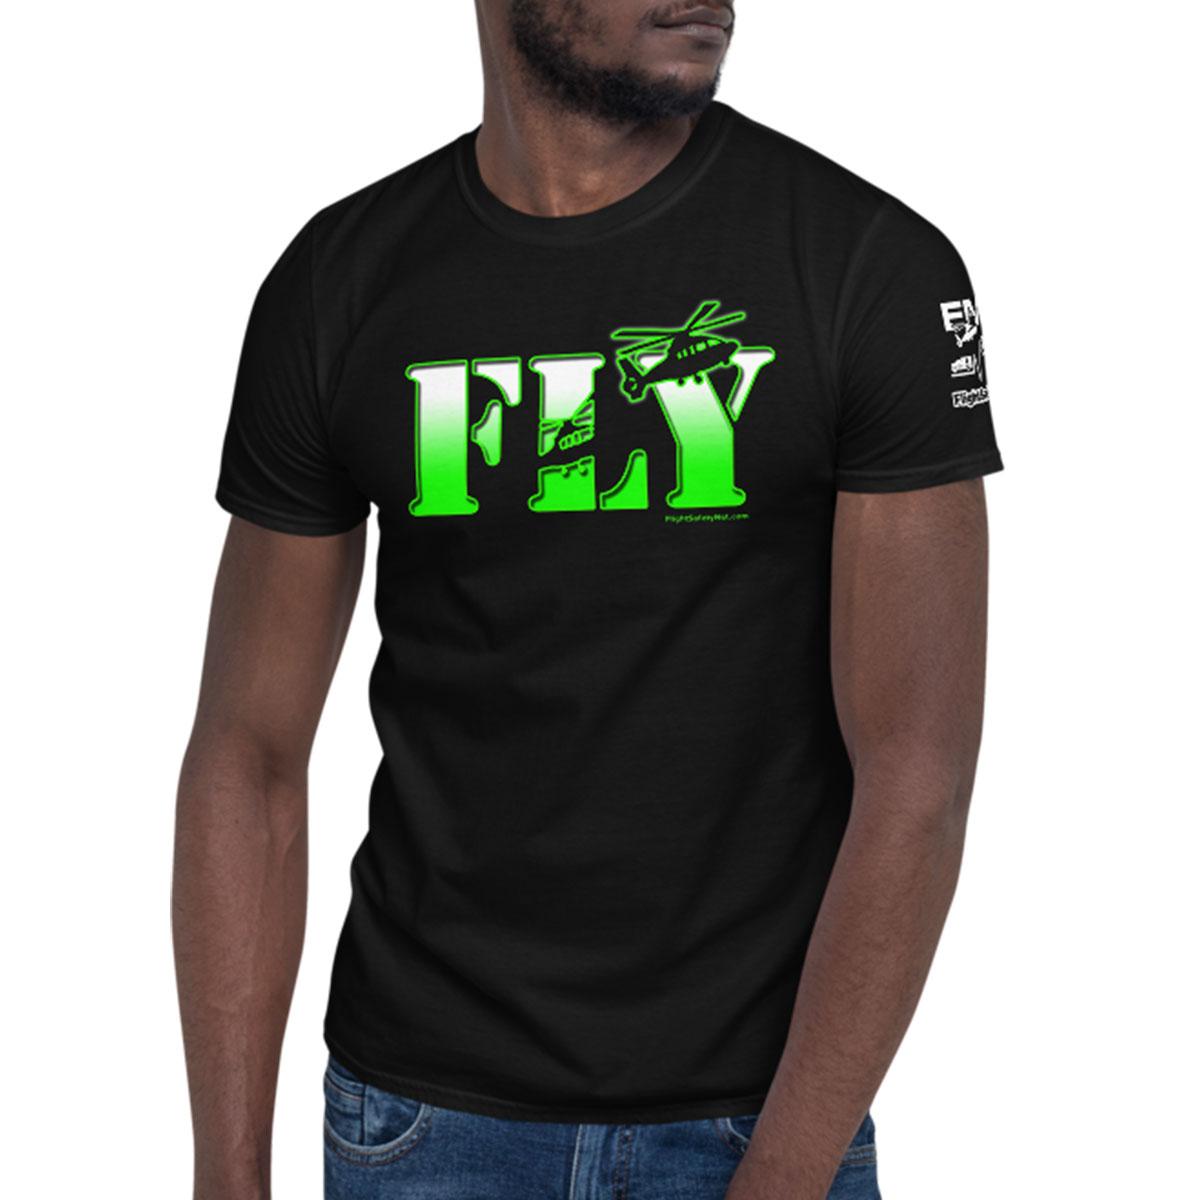 FLY Black Tshirt 1200